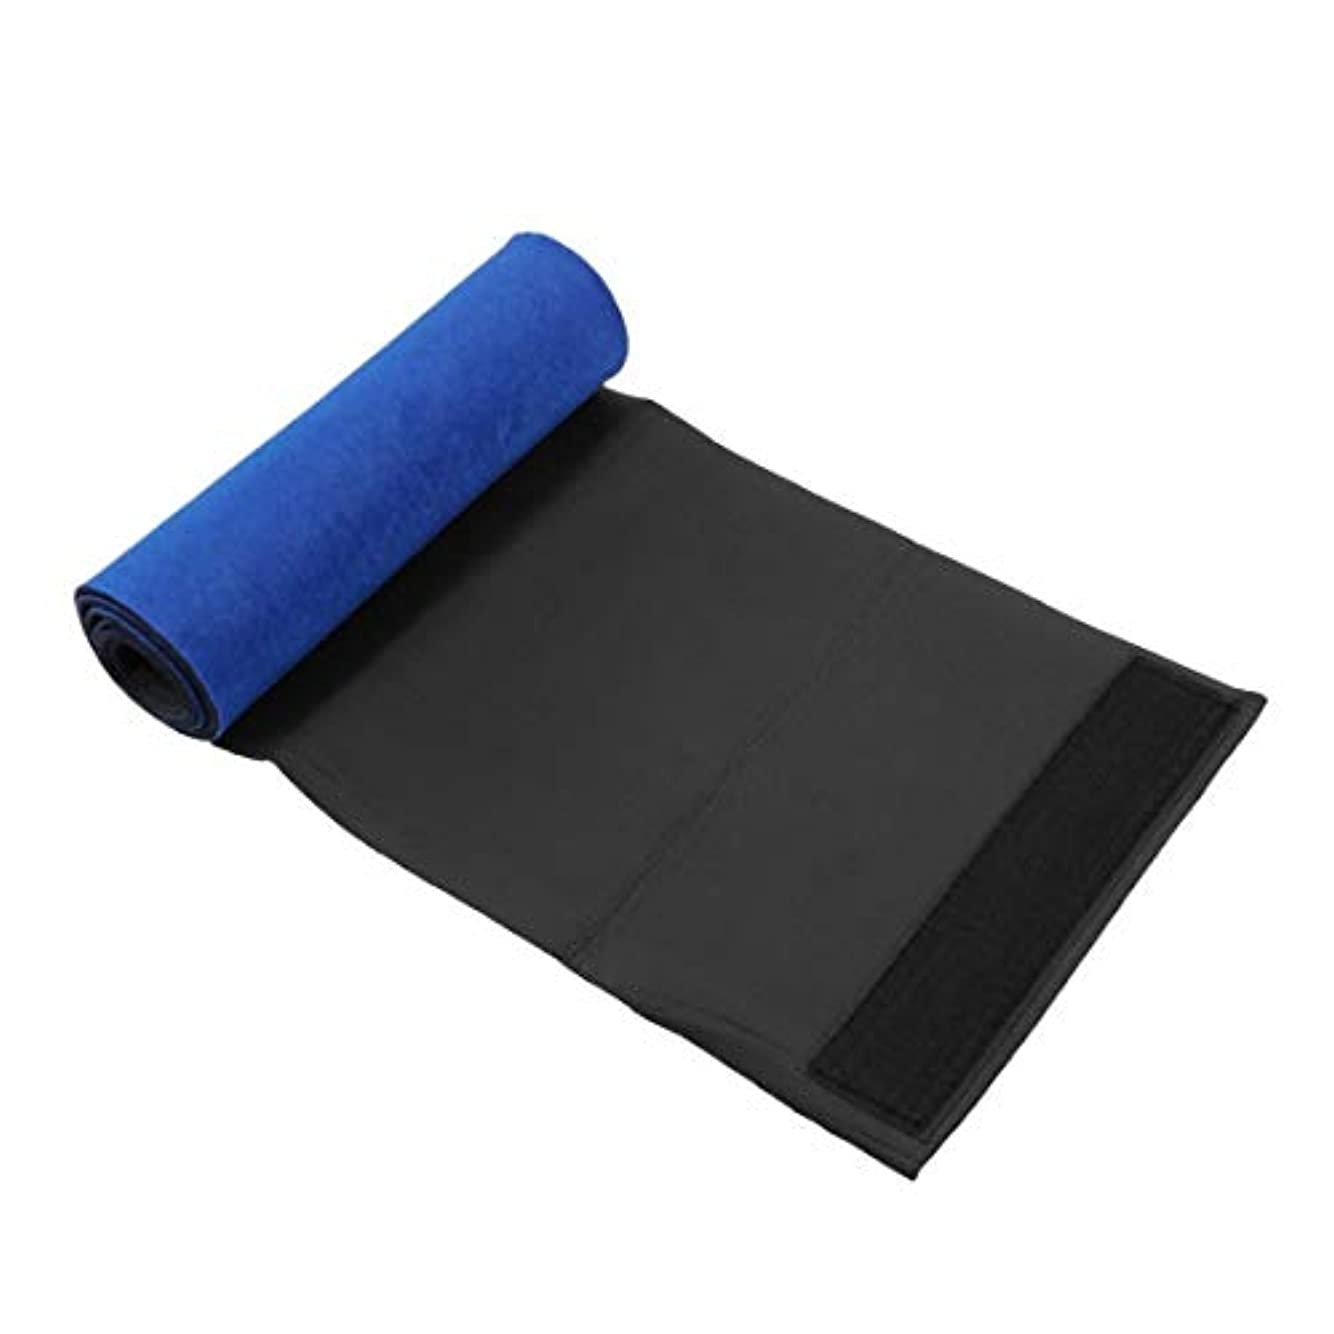 透過性威するデジタル青健康的なSlim身ベルト腹部シェイパー燃焼脂肪を失う重量フィットネス脂肪セルライトSlim身ボディシェイパーウエストベルトネオプレン(青)